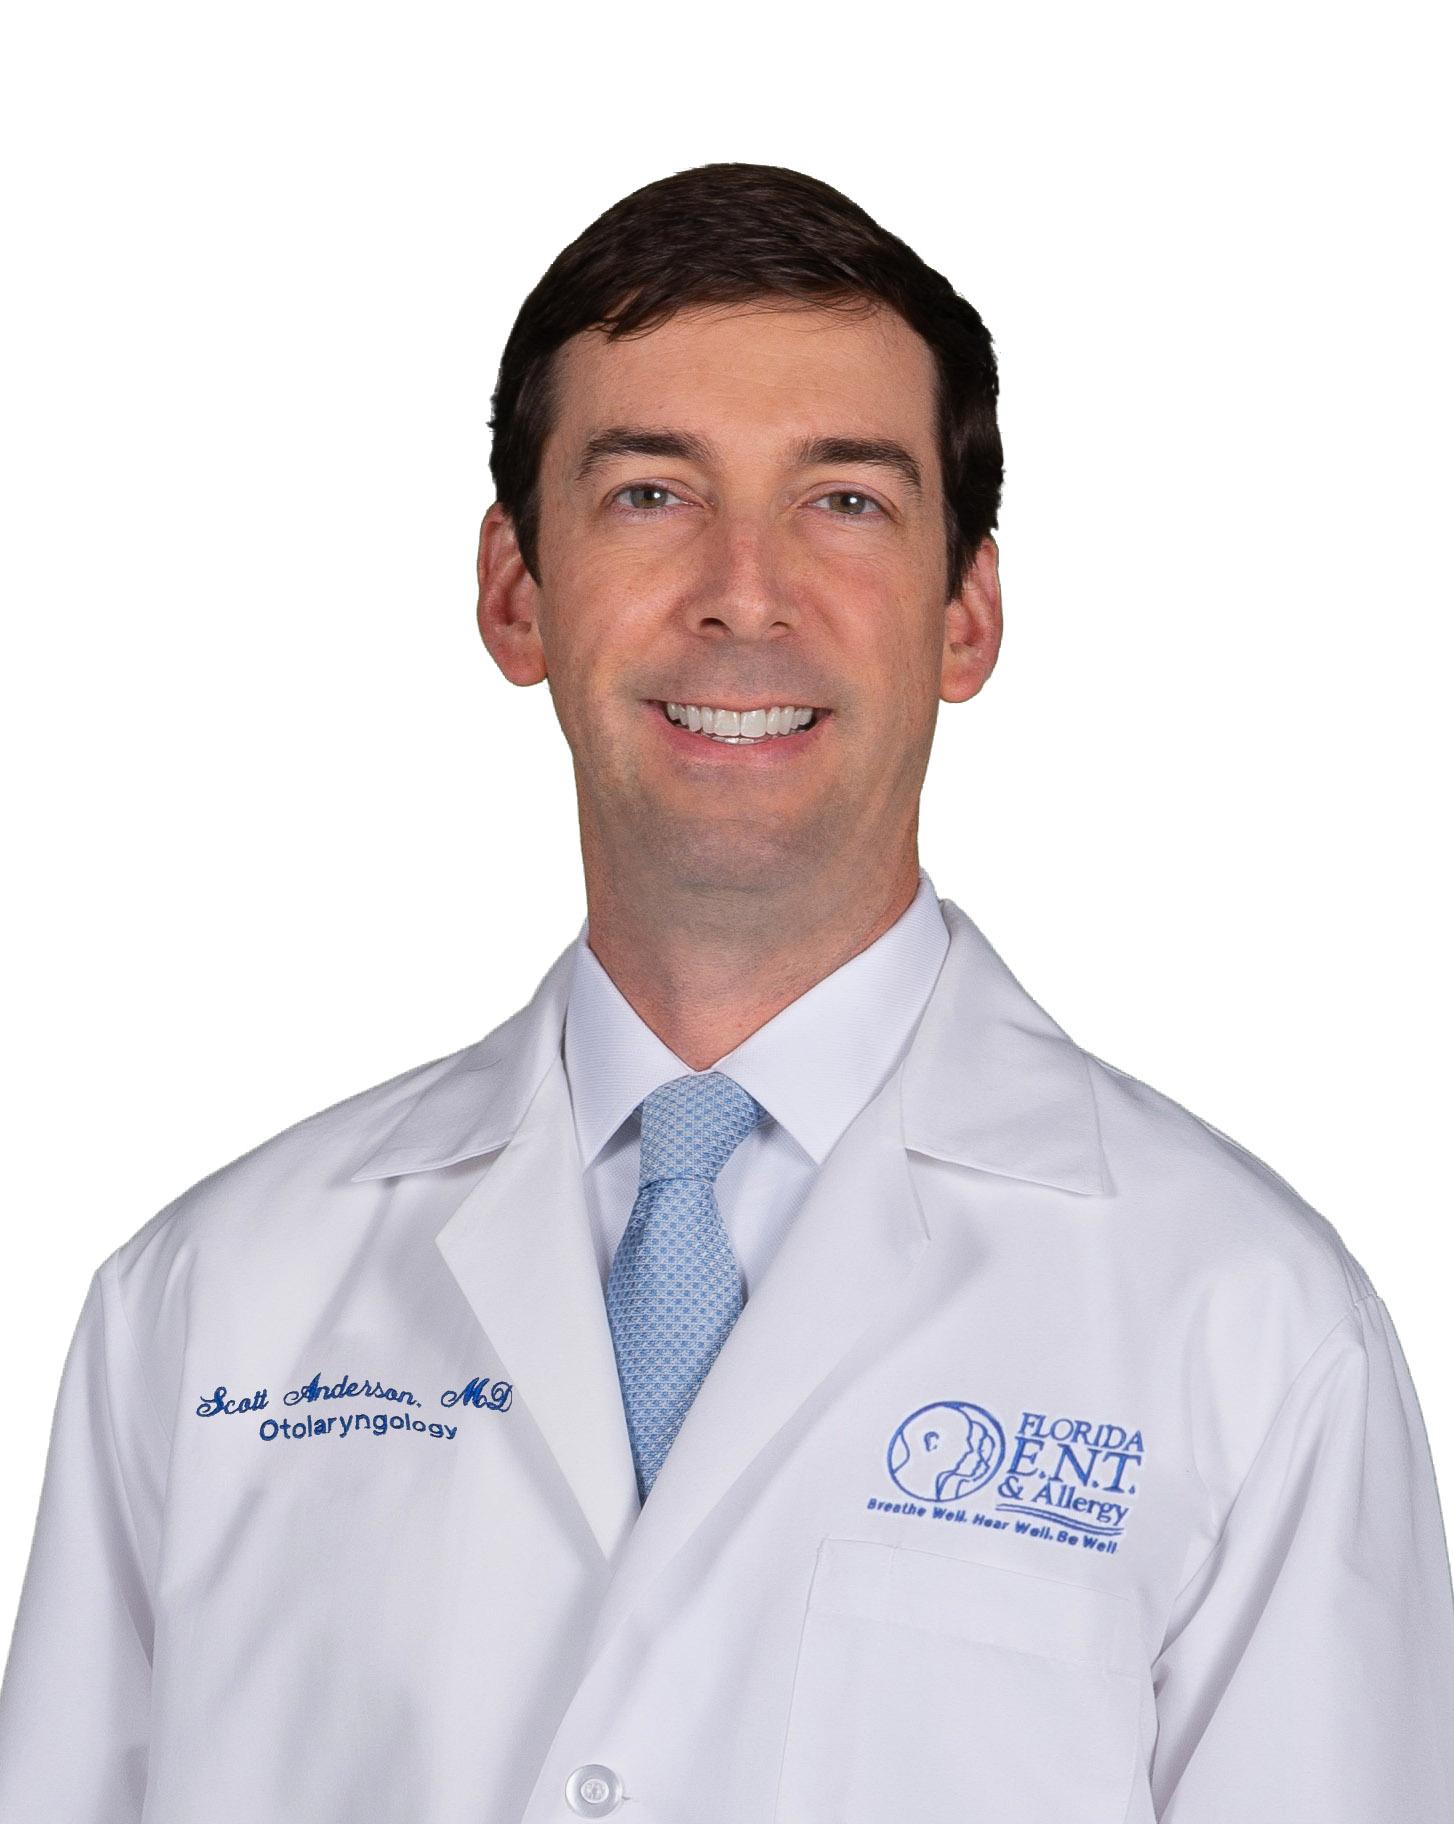 Scott R. Anderson, M.D., FAAOA